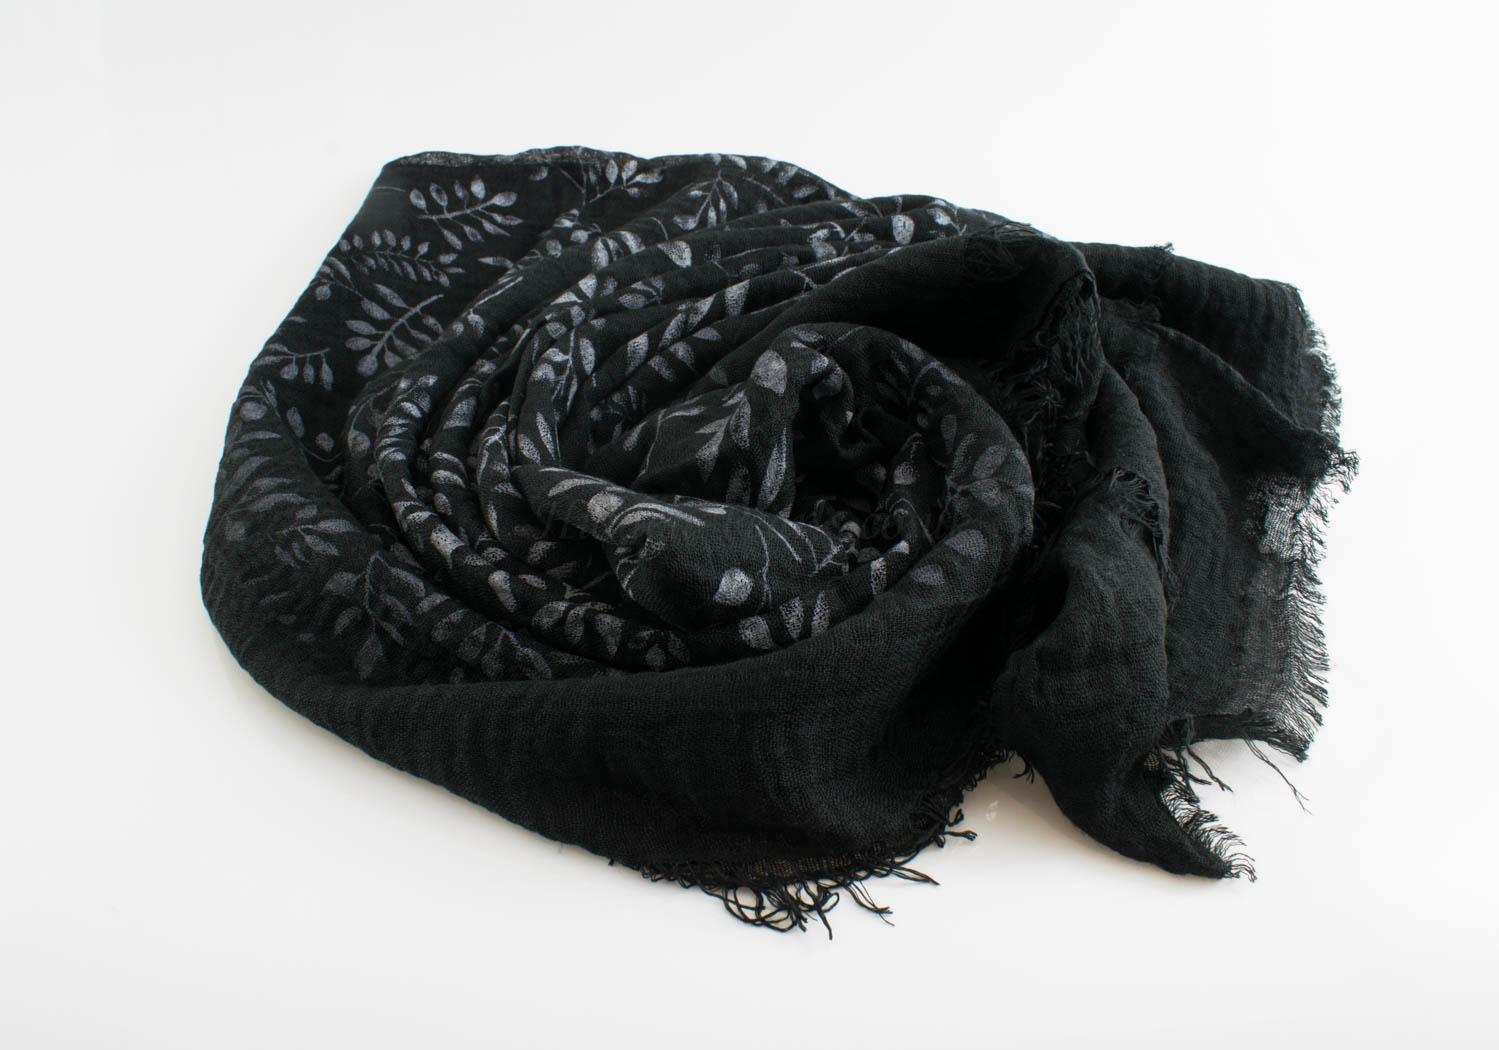 Printed Leaves Hijab - Hidden Pearls - Black